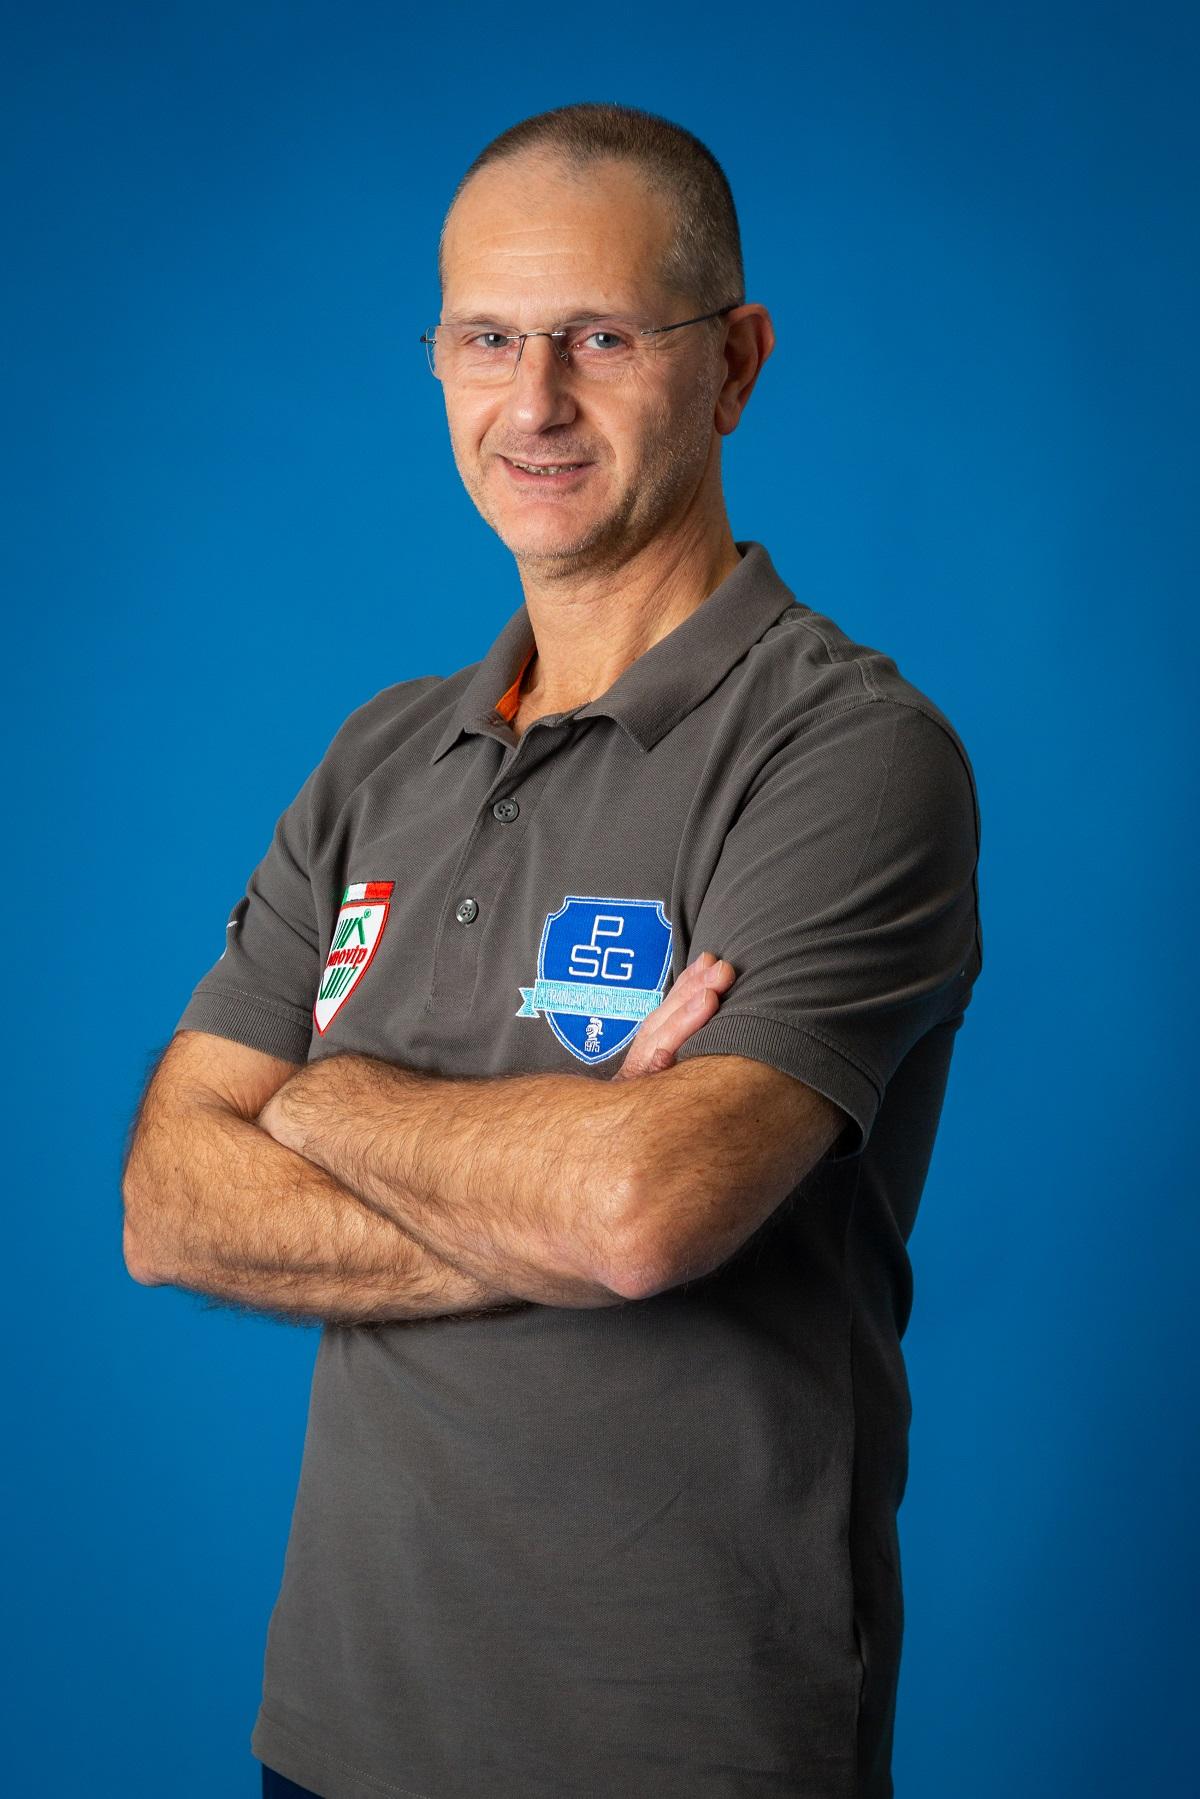 Felice Zuccarelli